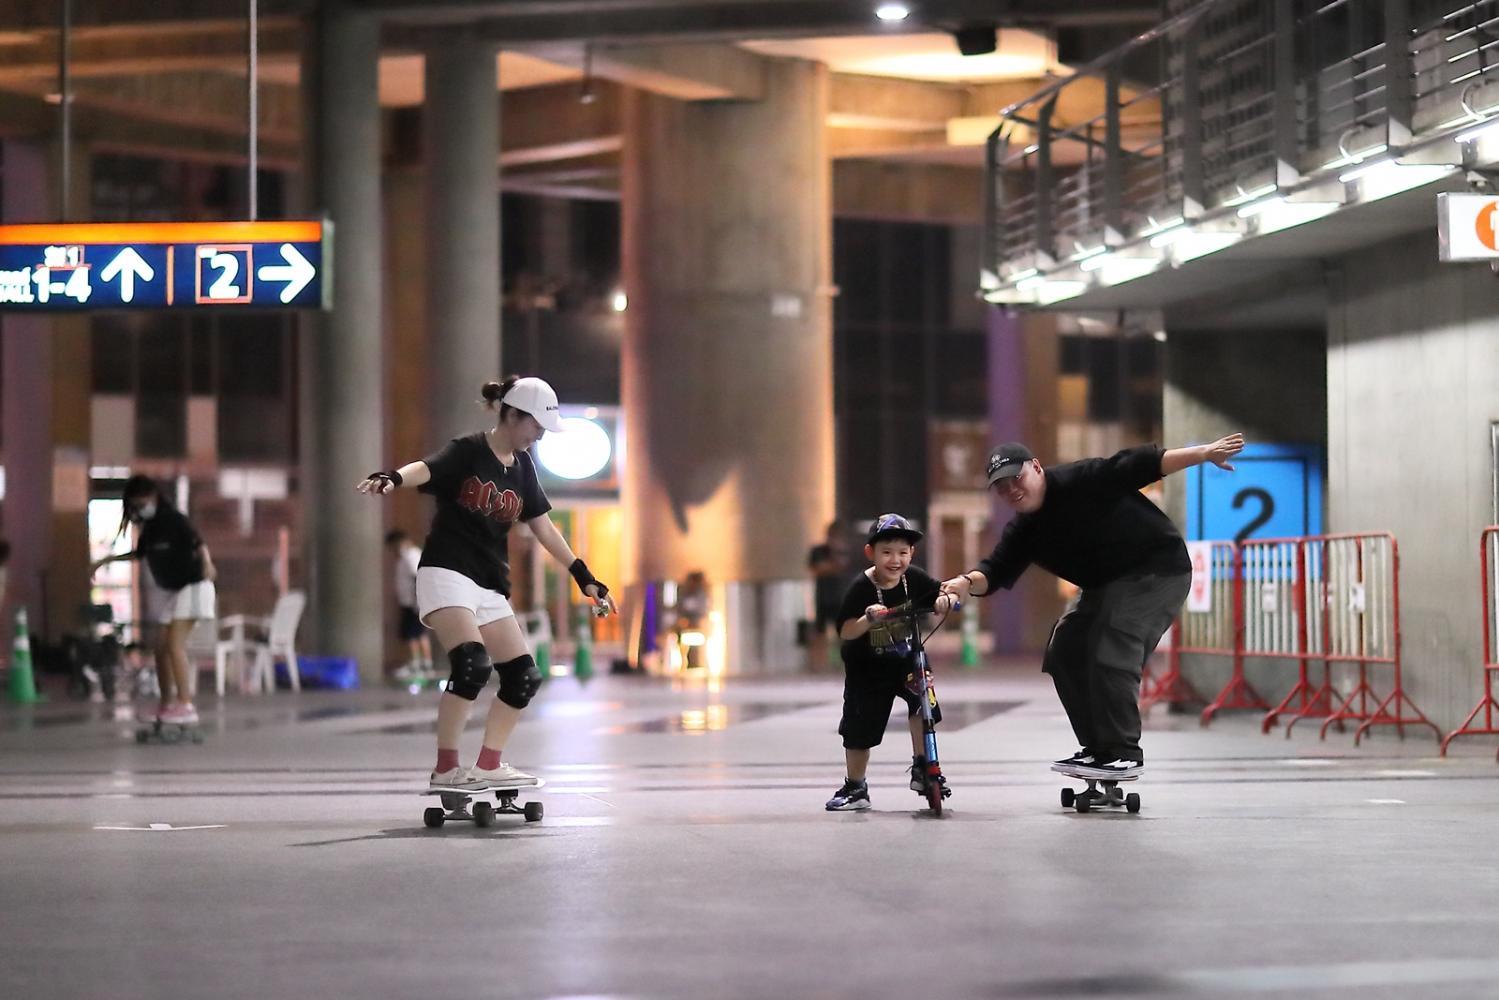 Surf skate craze comes to Impact Arena